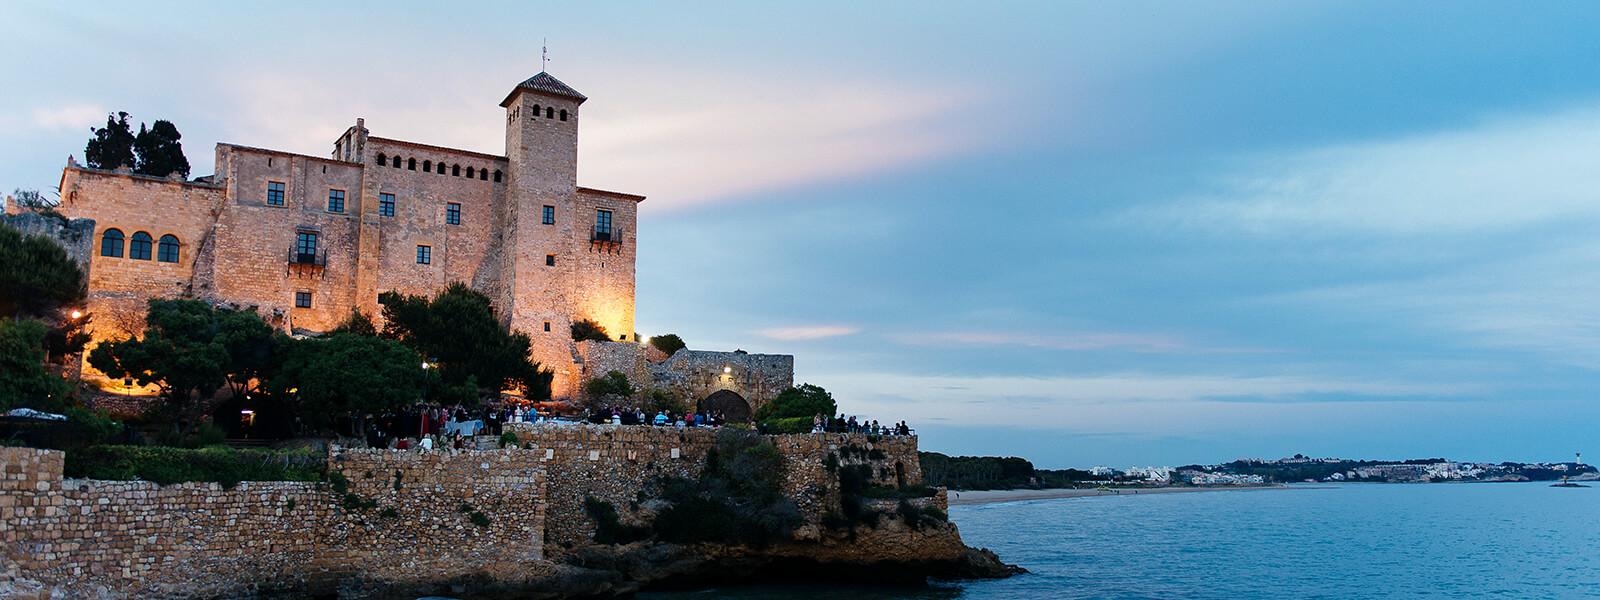 Atardecer en Castillo Tamarit